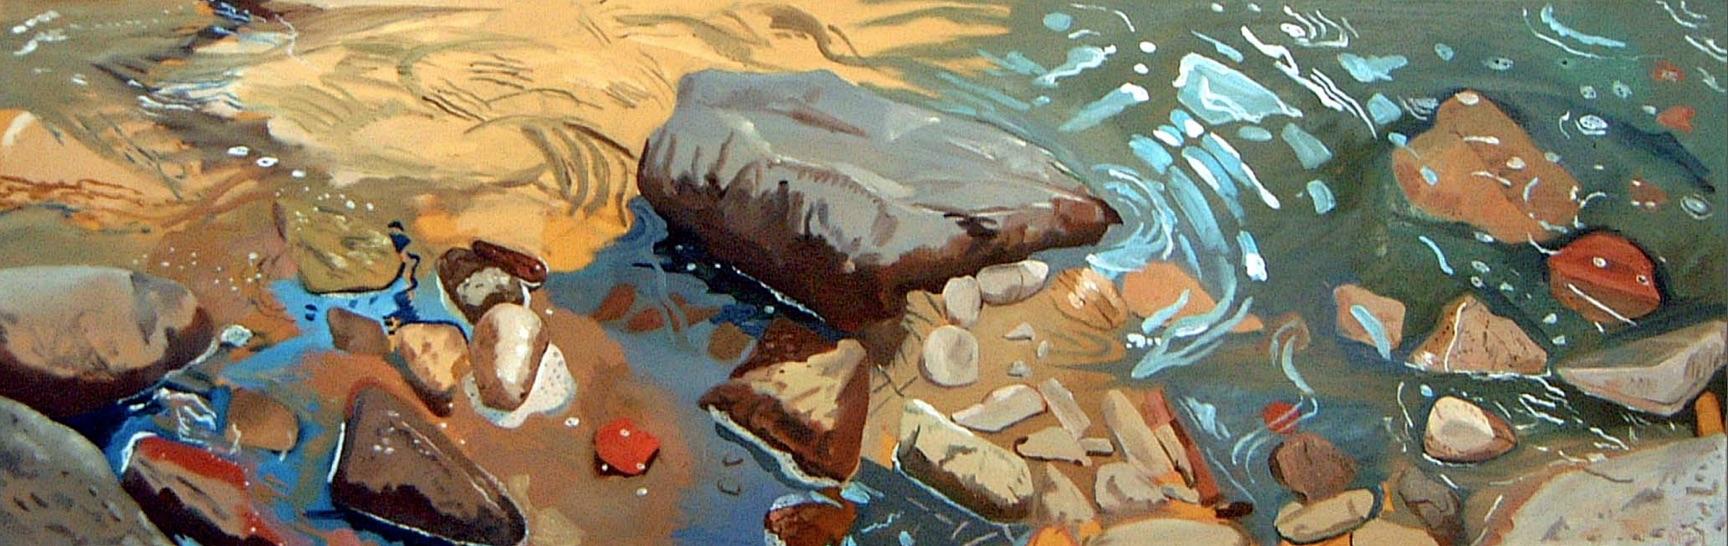 Rocks & Water 3.jpg